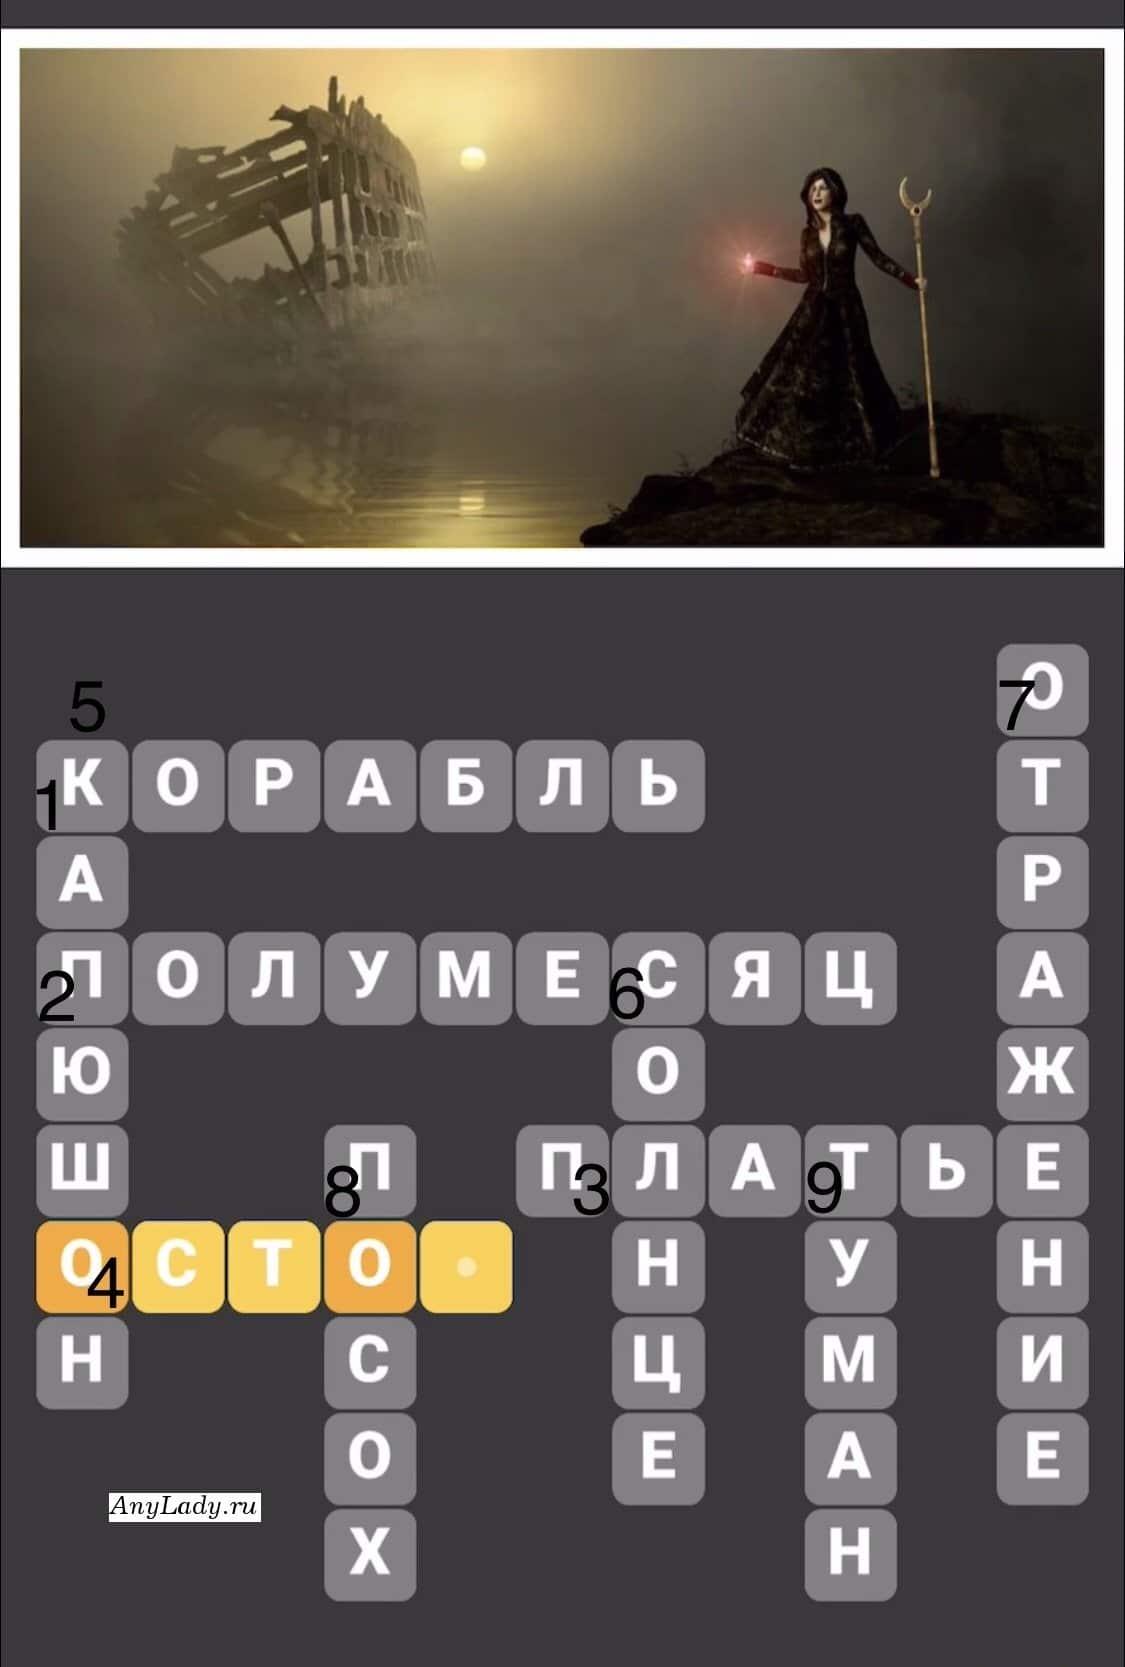 По горизонтали:  1. Корабль  2. Полумесяц  3. Платье  4. Остов По вертикали:  5. Капюшон  6. Солнце  7. Отражение  8. Посох  9. Туман